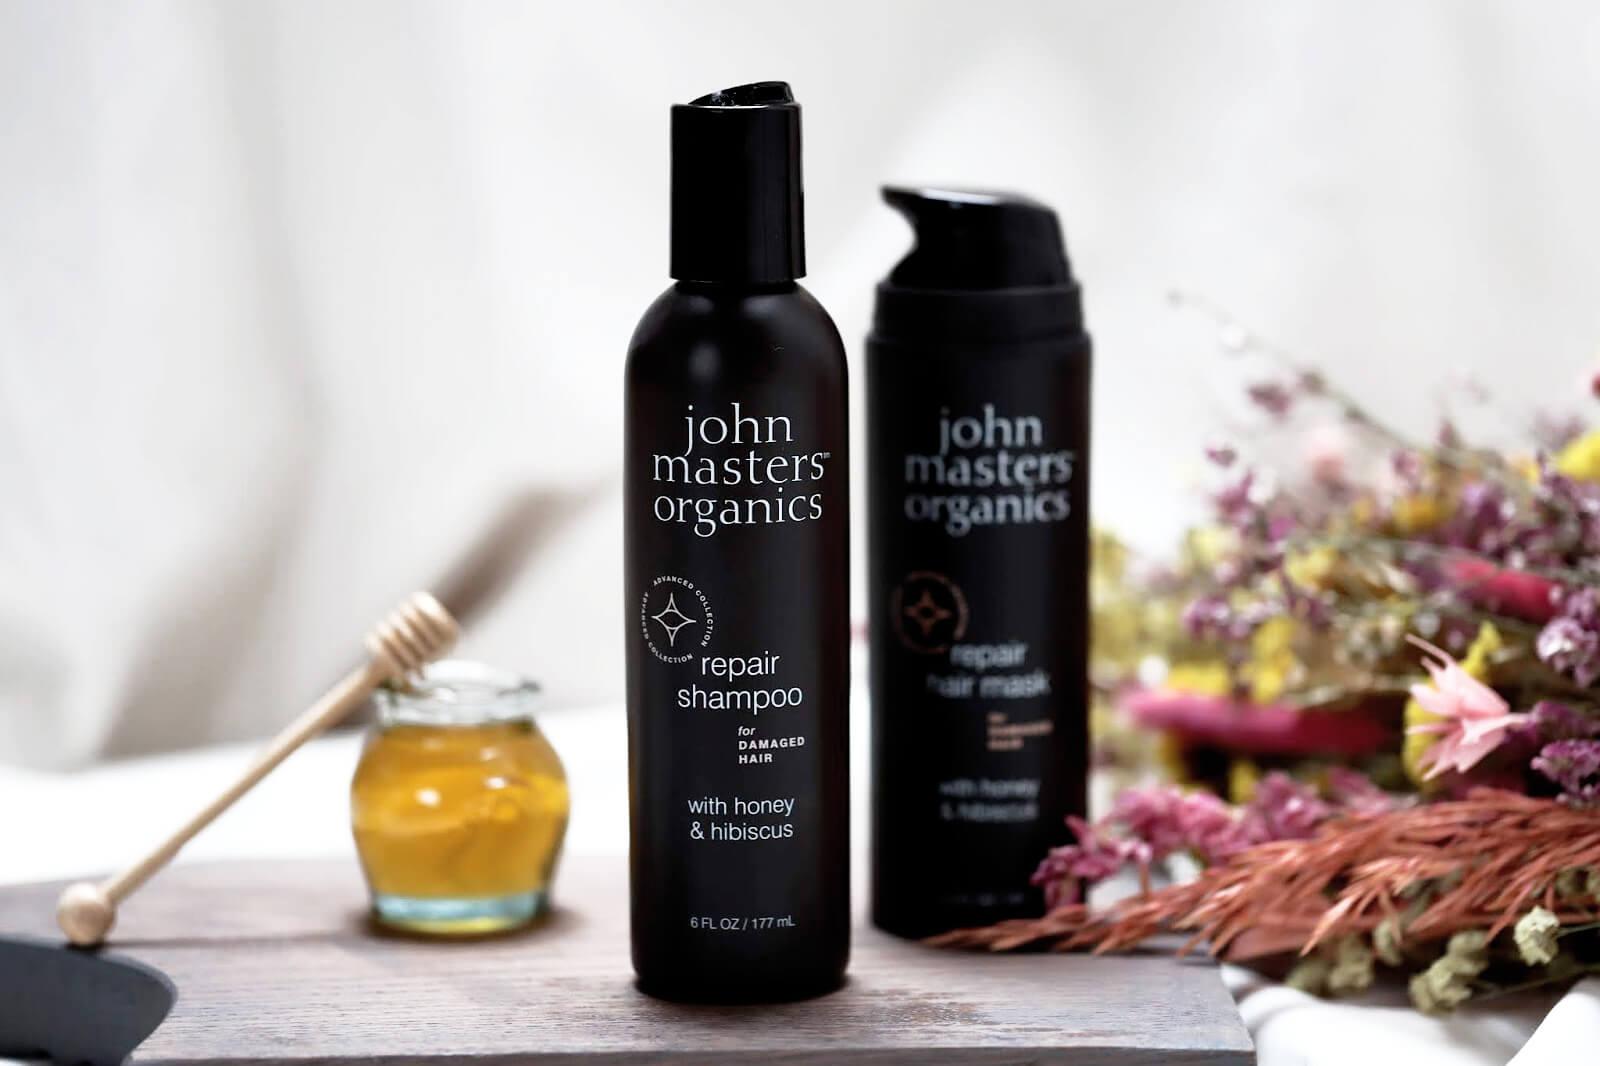 John Masters Organics Repair Shampooing Avis